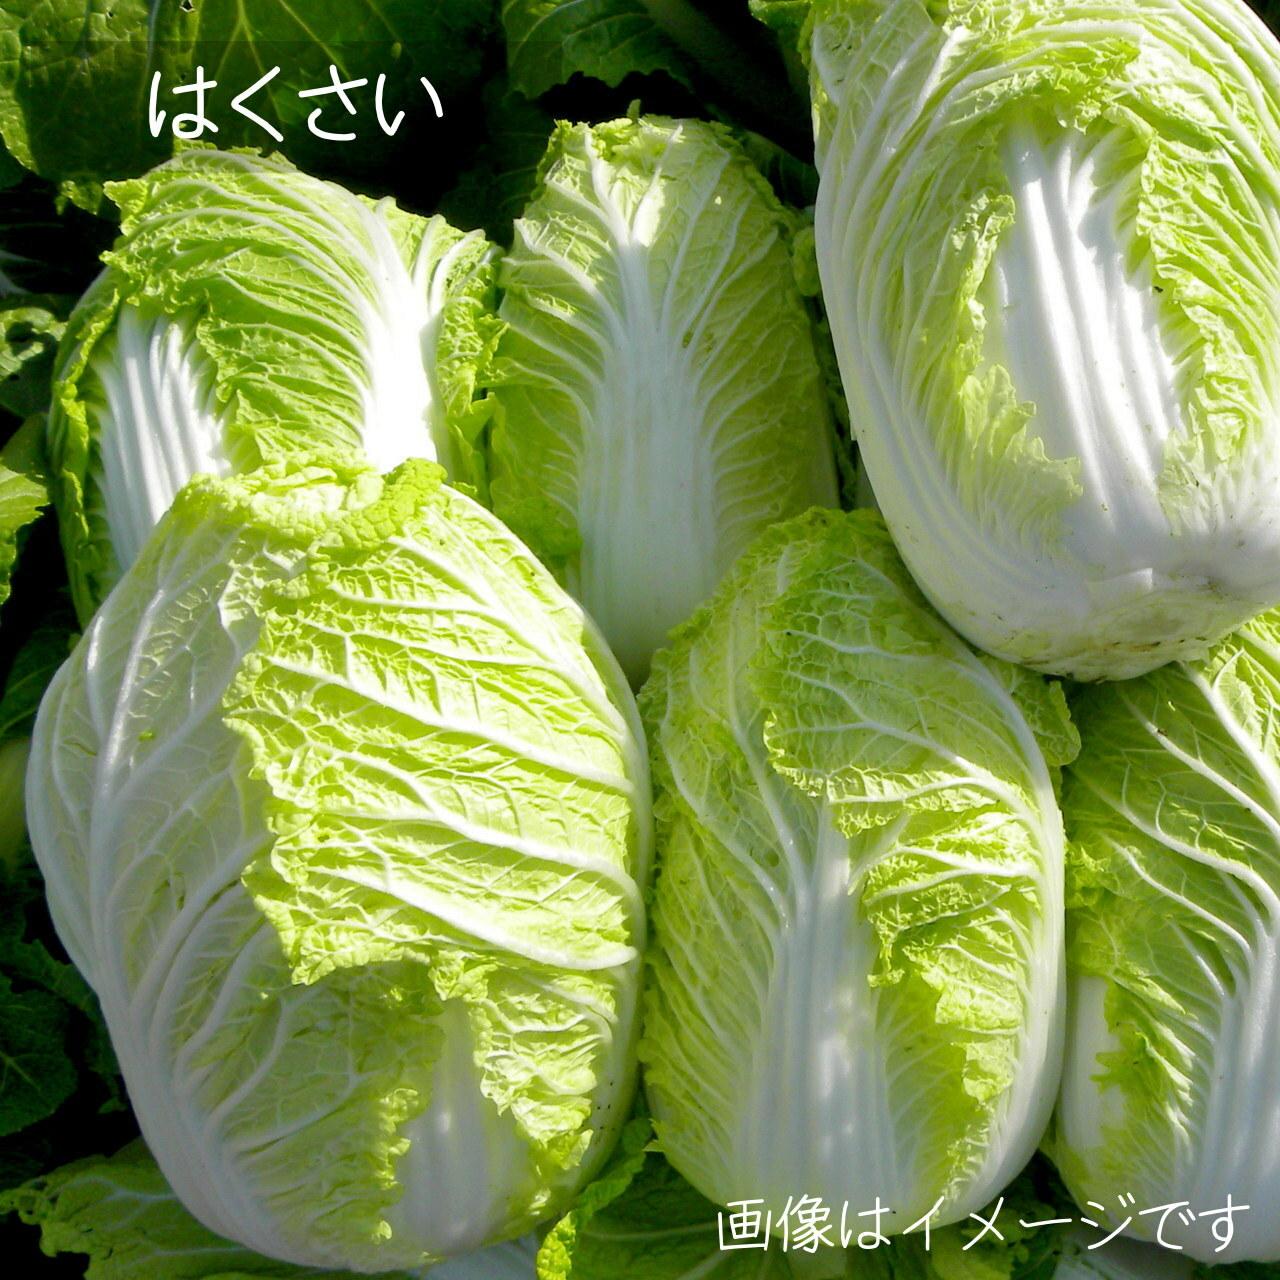 新鮮な秋野菜 : 白菜 1個 11月の朝採り直売野菜 11月7日発送予定